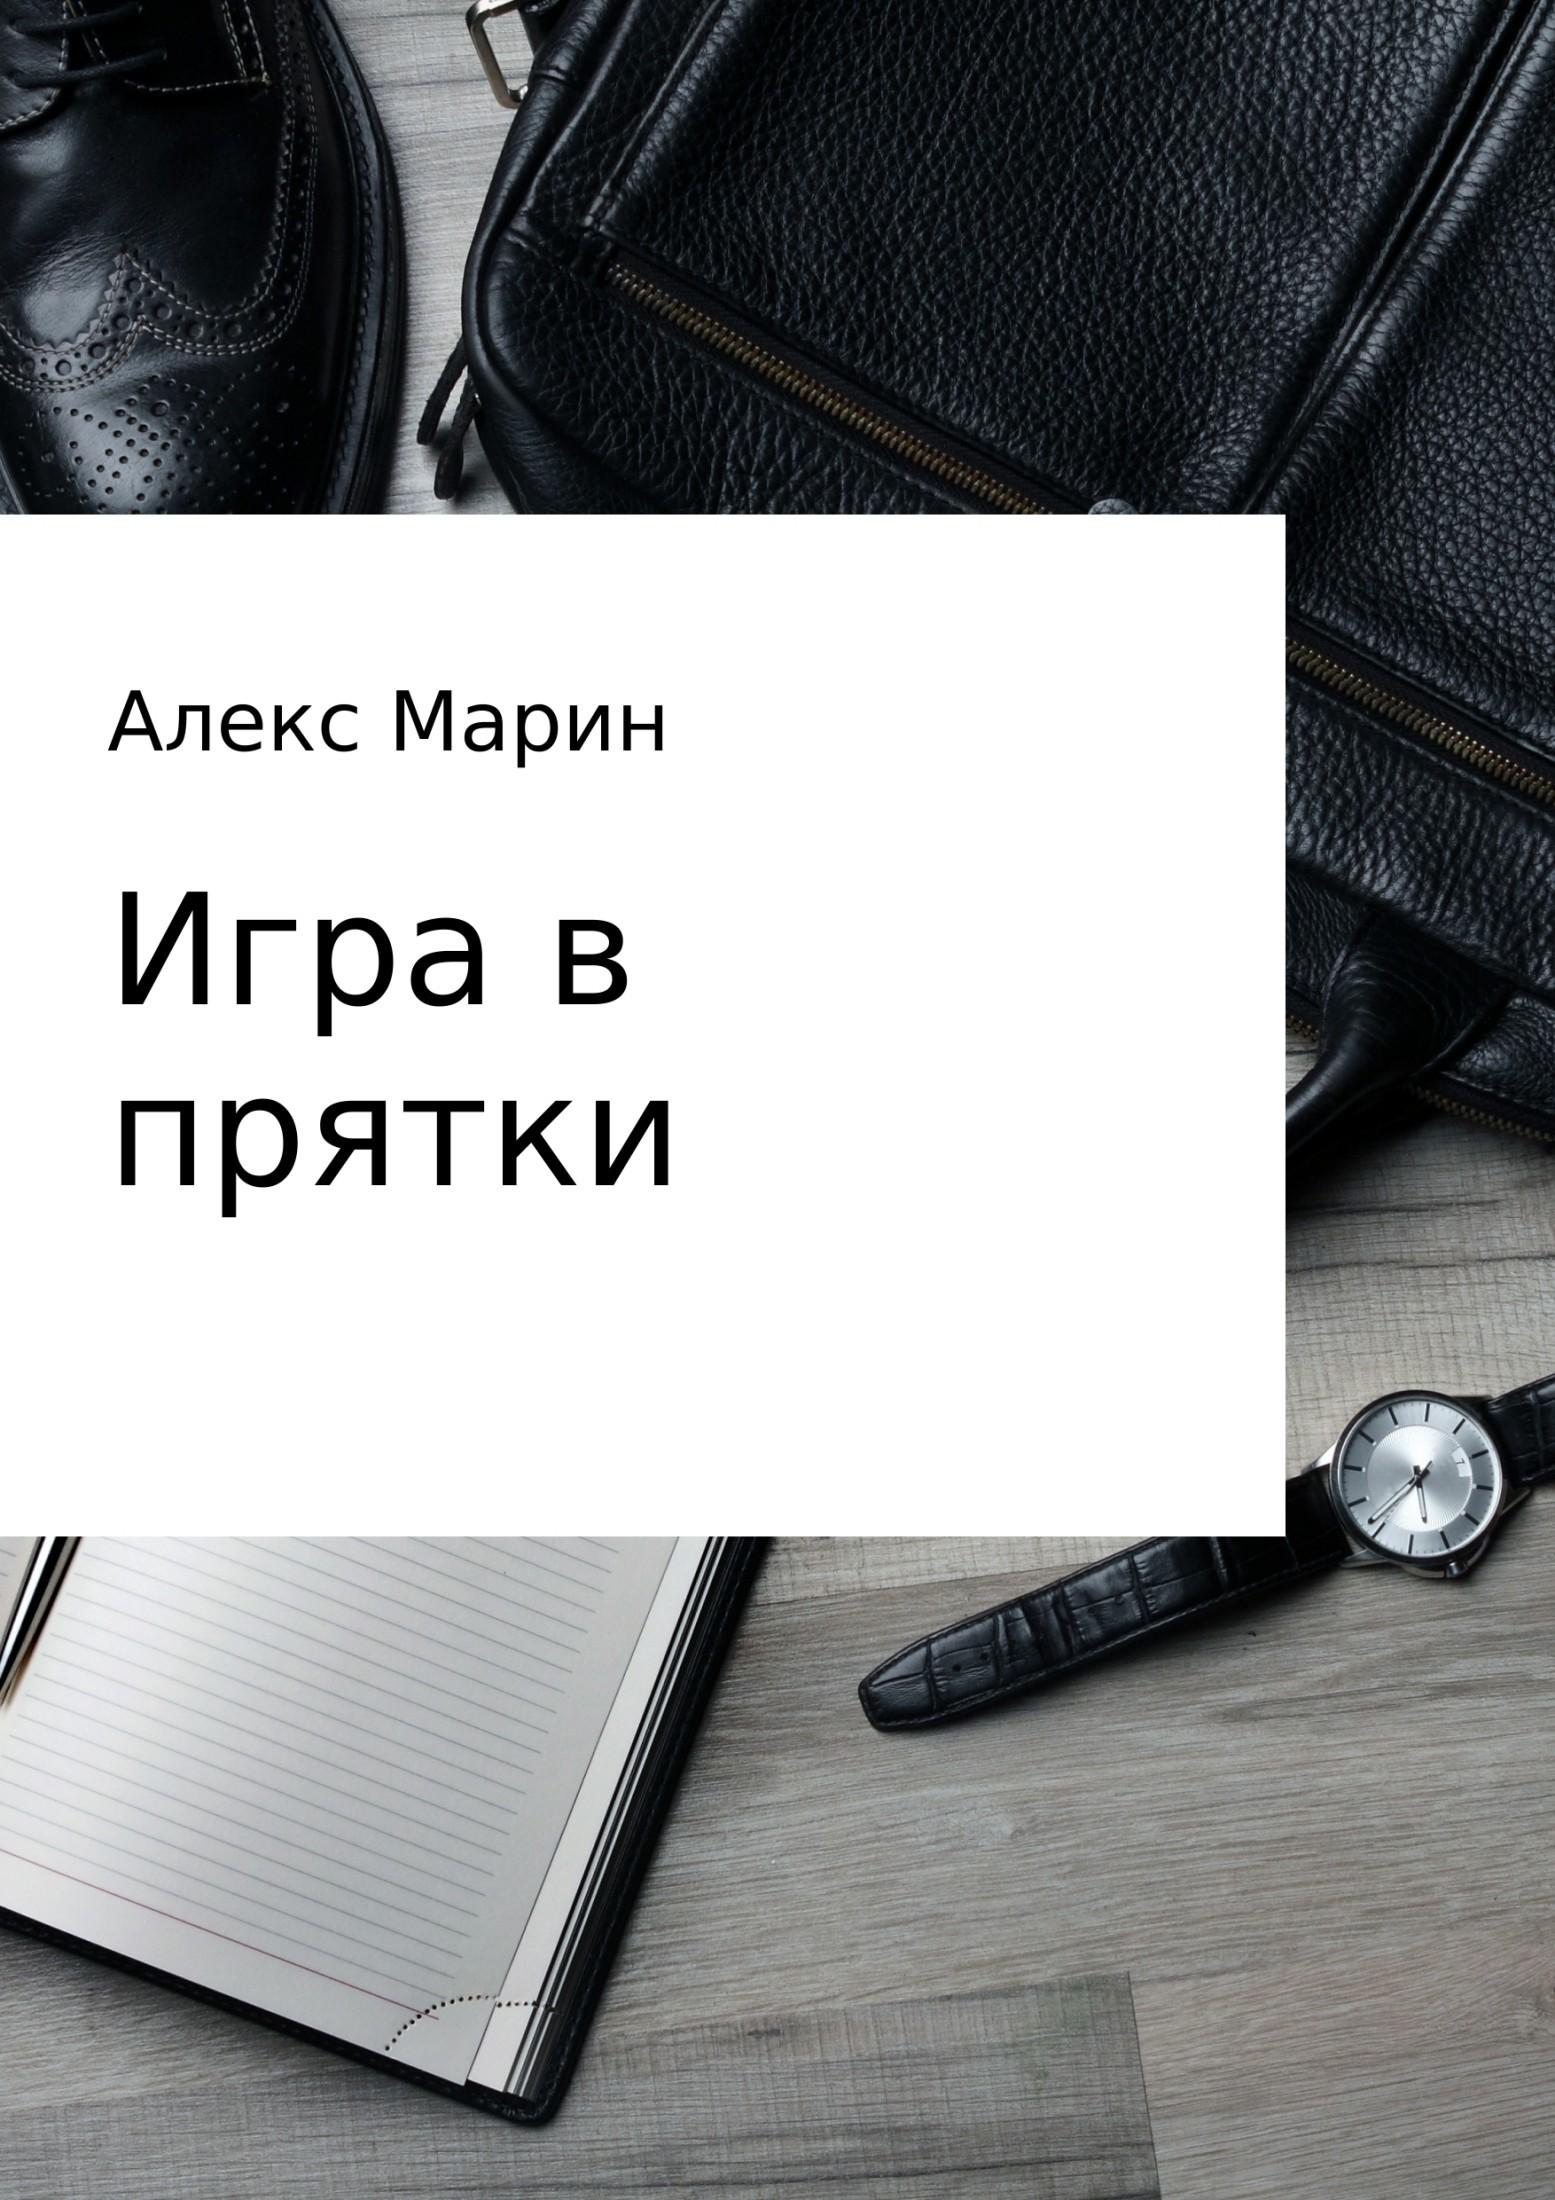 Алекс Марин «Игра в прятки»